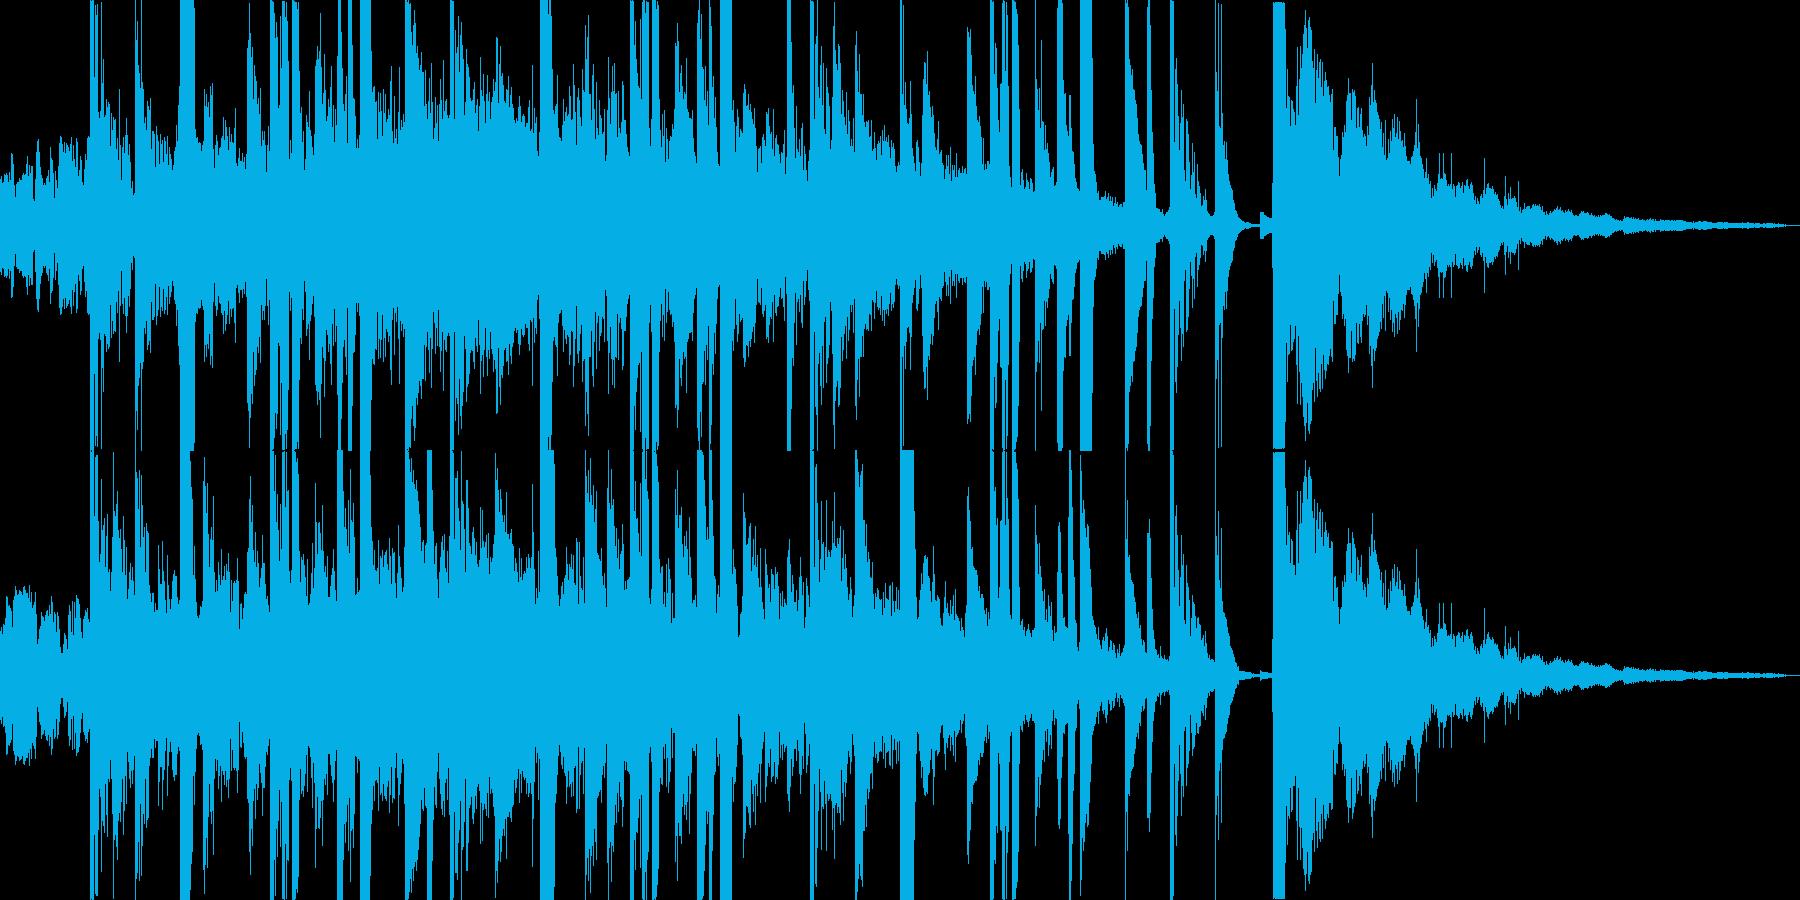 サウンドロゴ ジングル CM 無機質の再生済みの波形